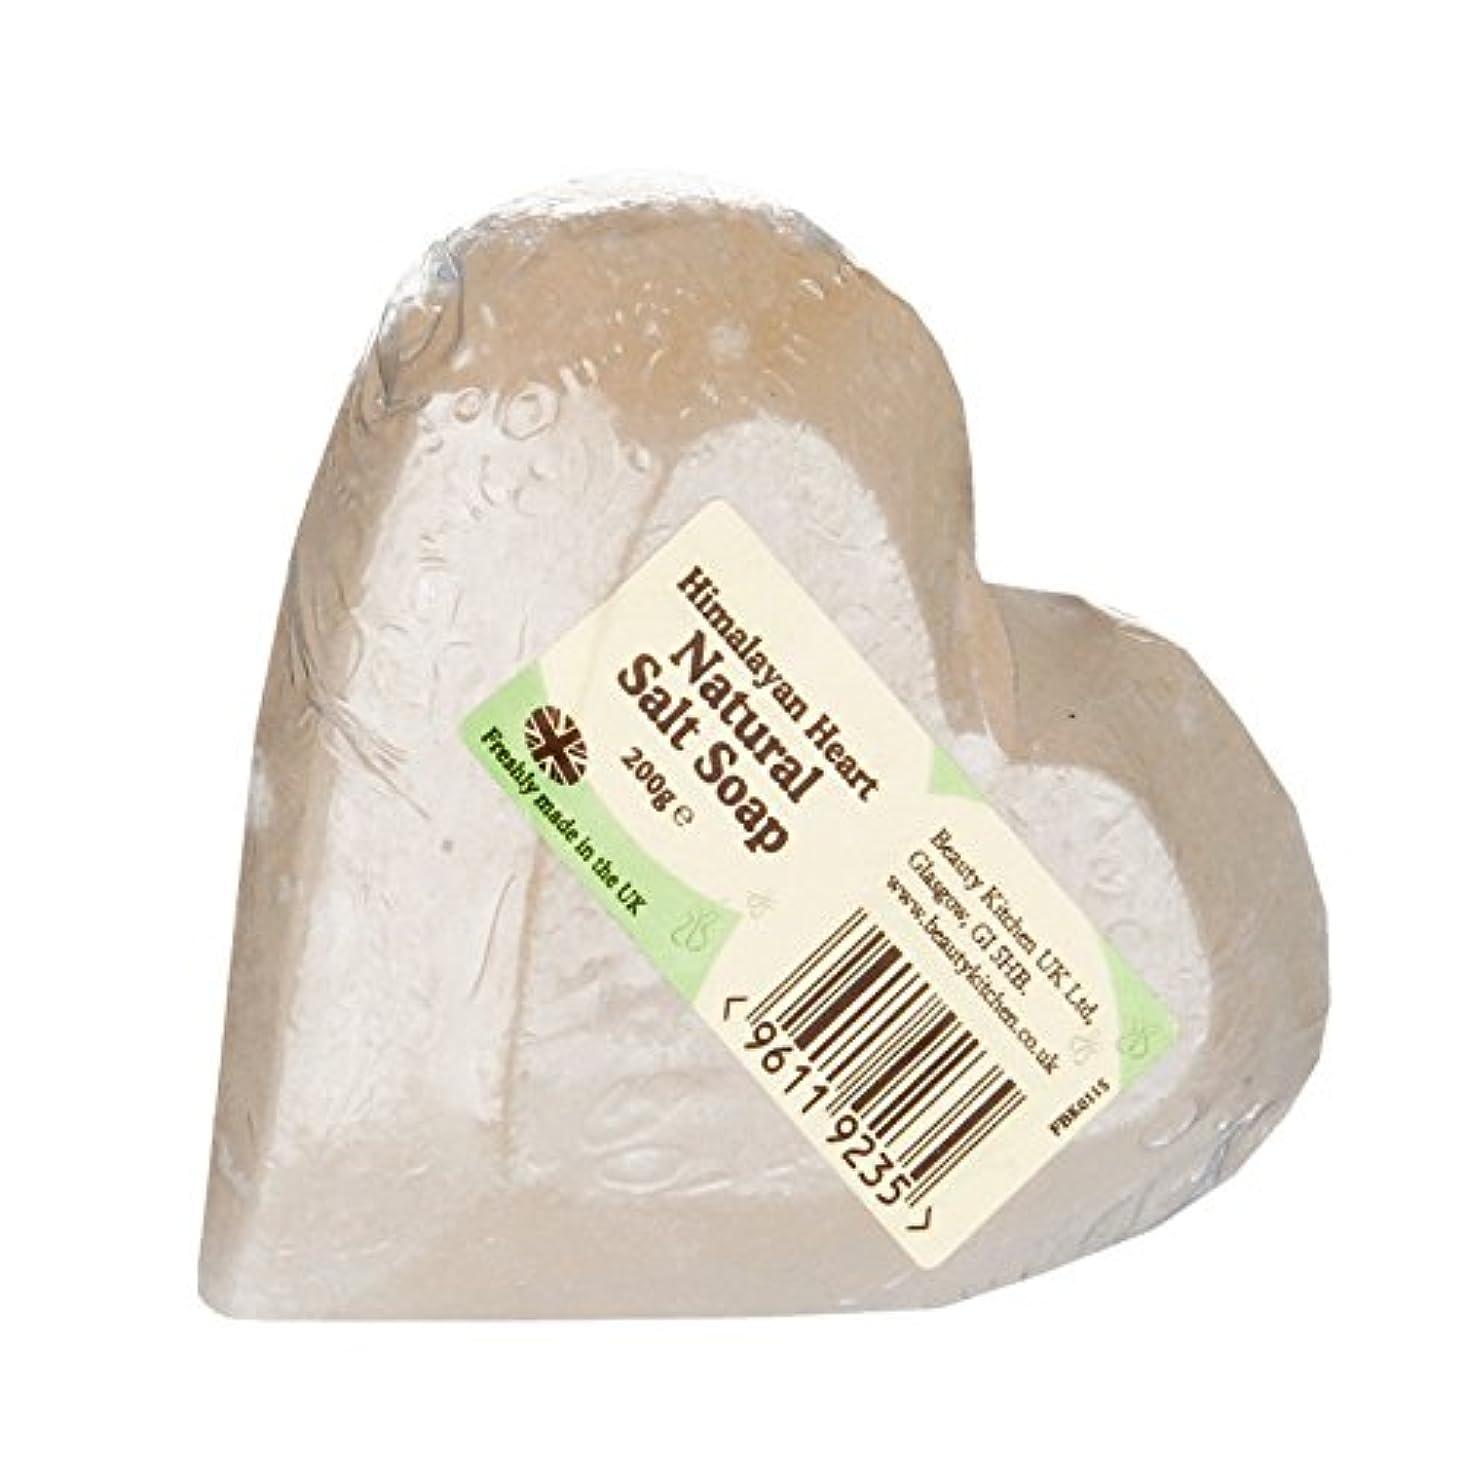 セントホスト冷淡な美容キッチンヒマラヤンハートソープ200グラム - Beauty Kitchen Himalayan Heart Soap 200g (Beauty Kitchen) [並行輸入品]